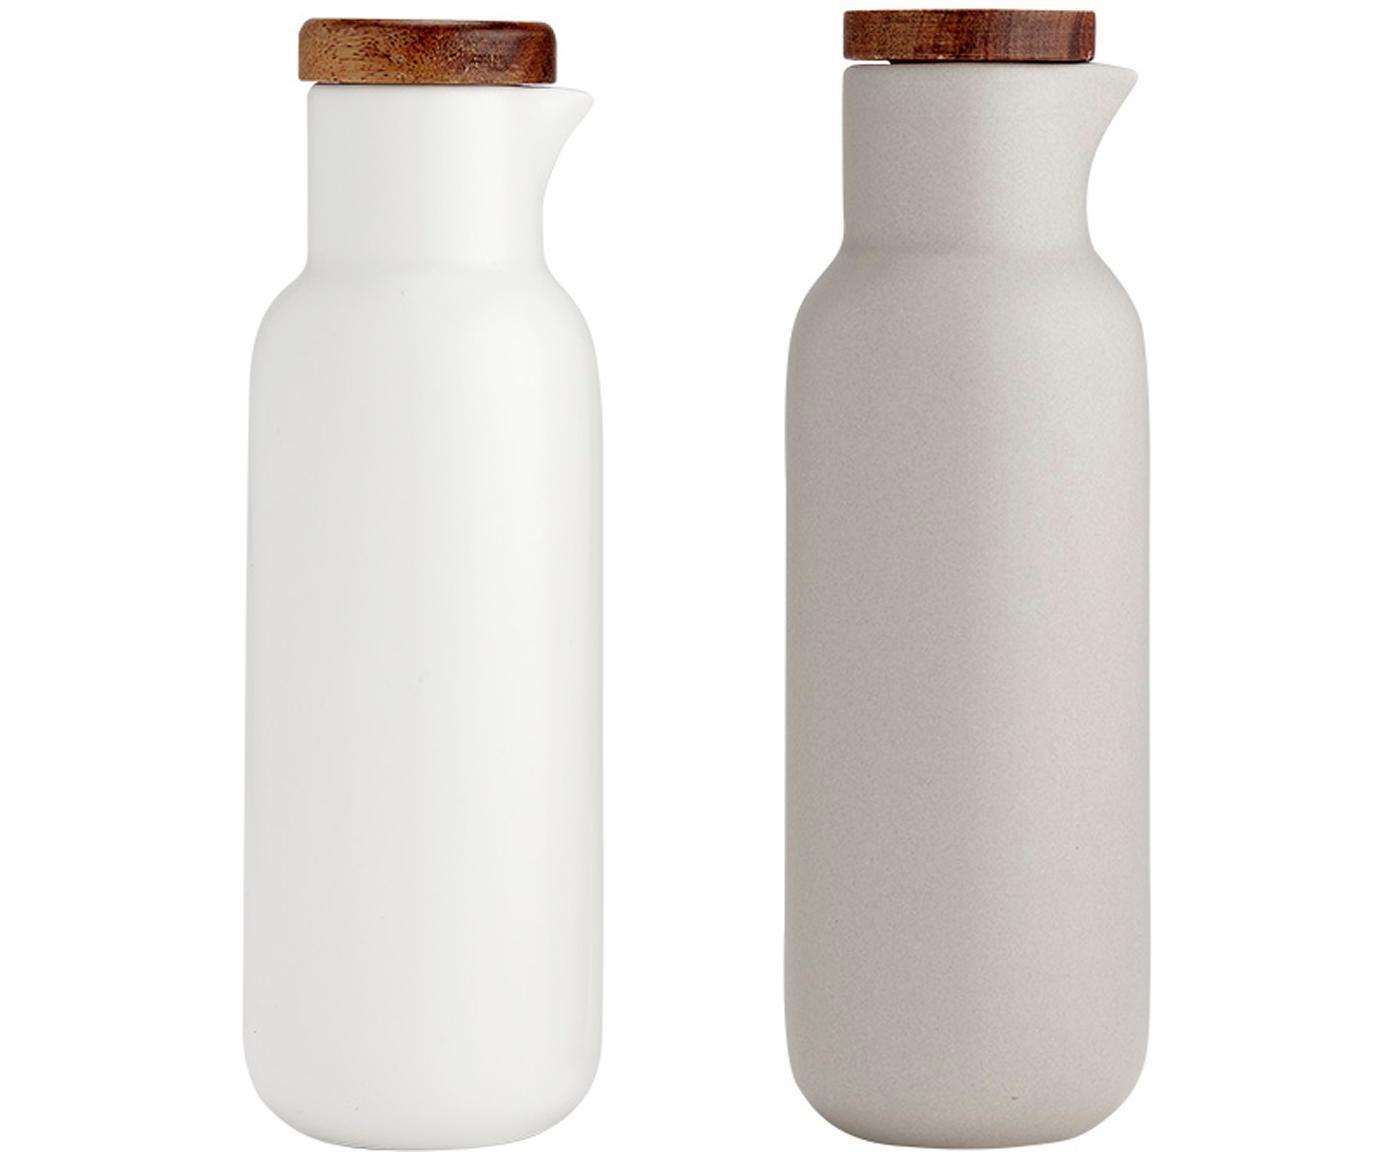 Aceitera y vinegrera de porcelana y madera Essentials, 2uds., Porcelana, madera de acacia, Color arena, blanco, acacia, Ø 6 cm